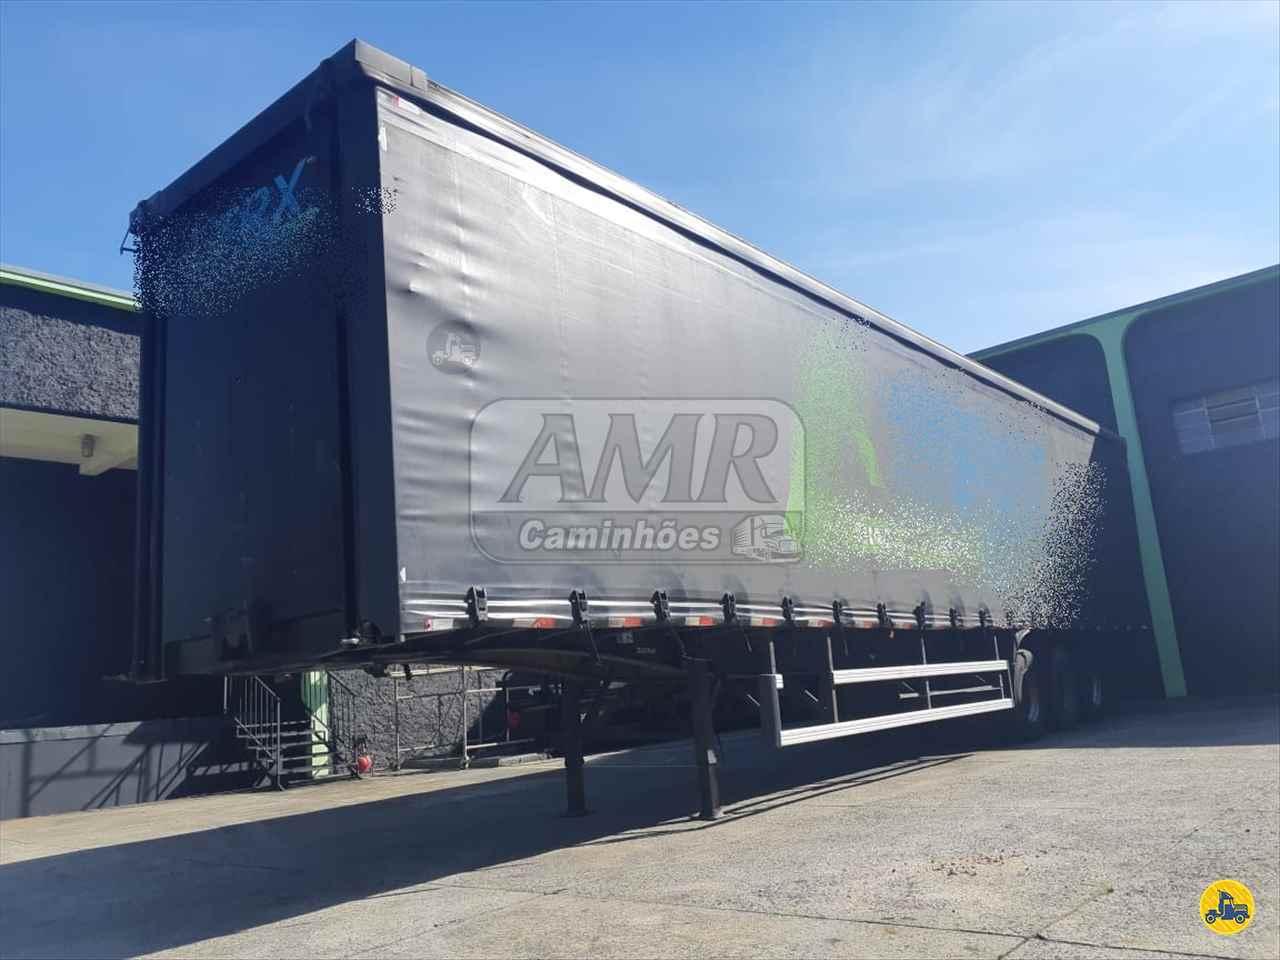 BAU SIDER de AMR Caminhões - JUNDIAI/SP